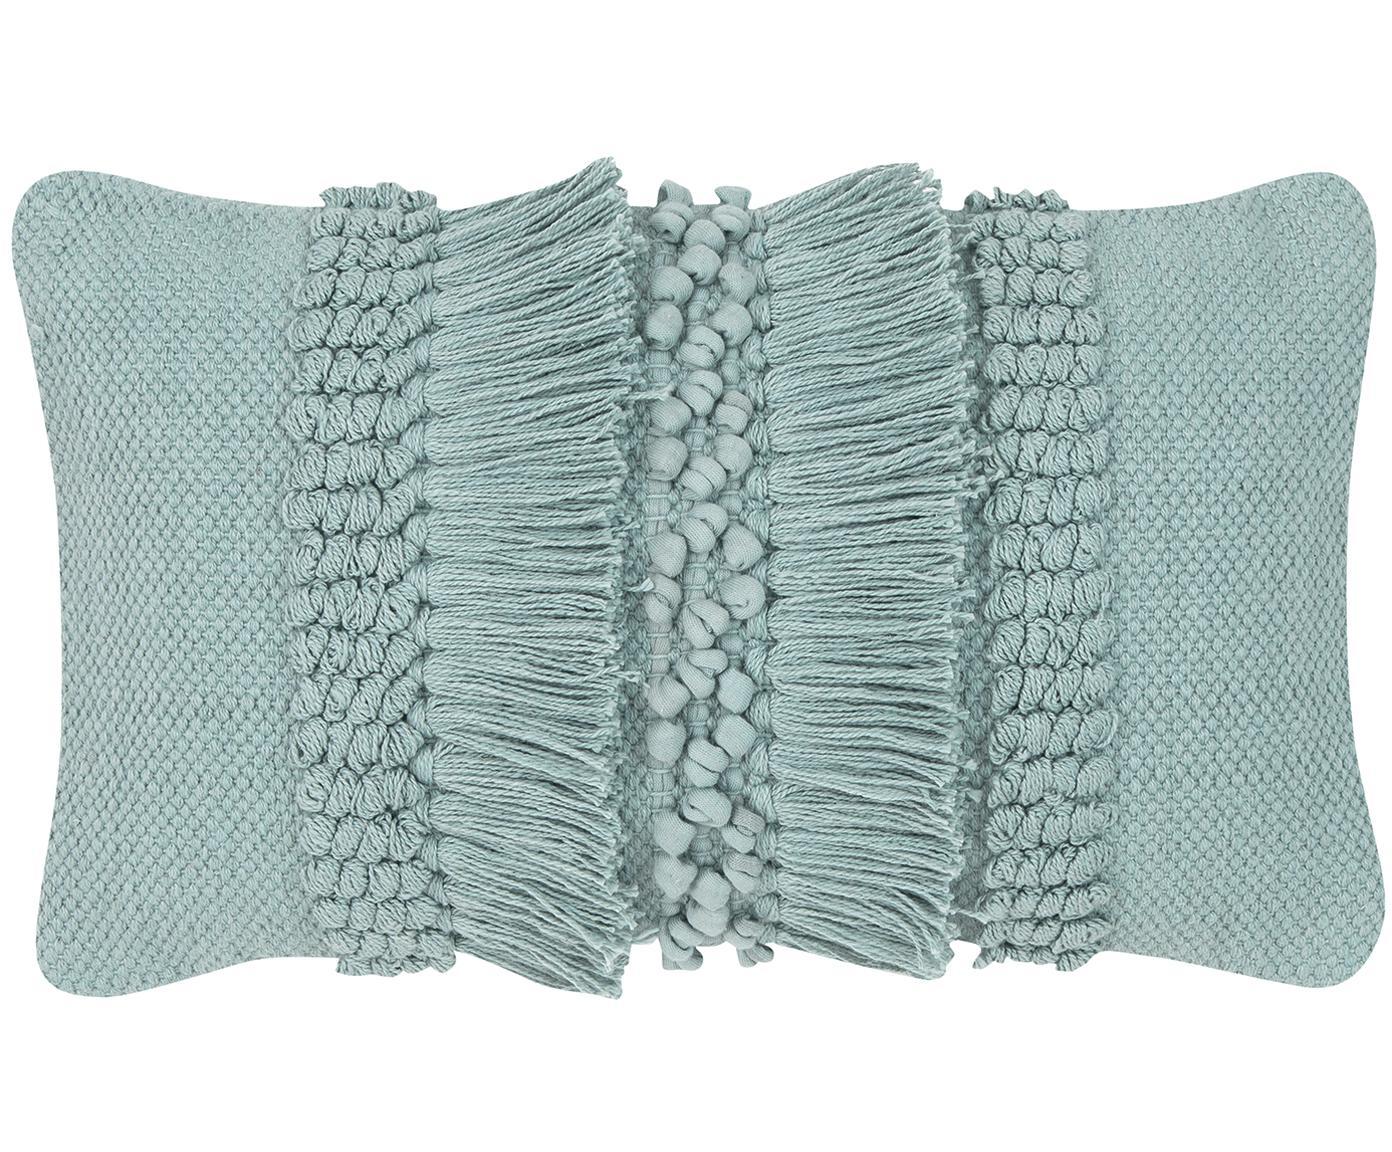 Federa arredo Monika, 100% cotone, Verde salvia, Larg. 30 x Lung. 50 cm